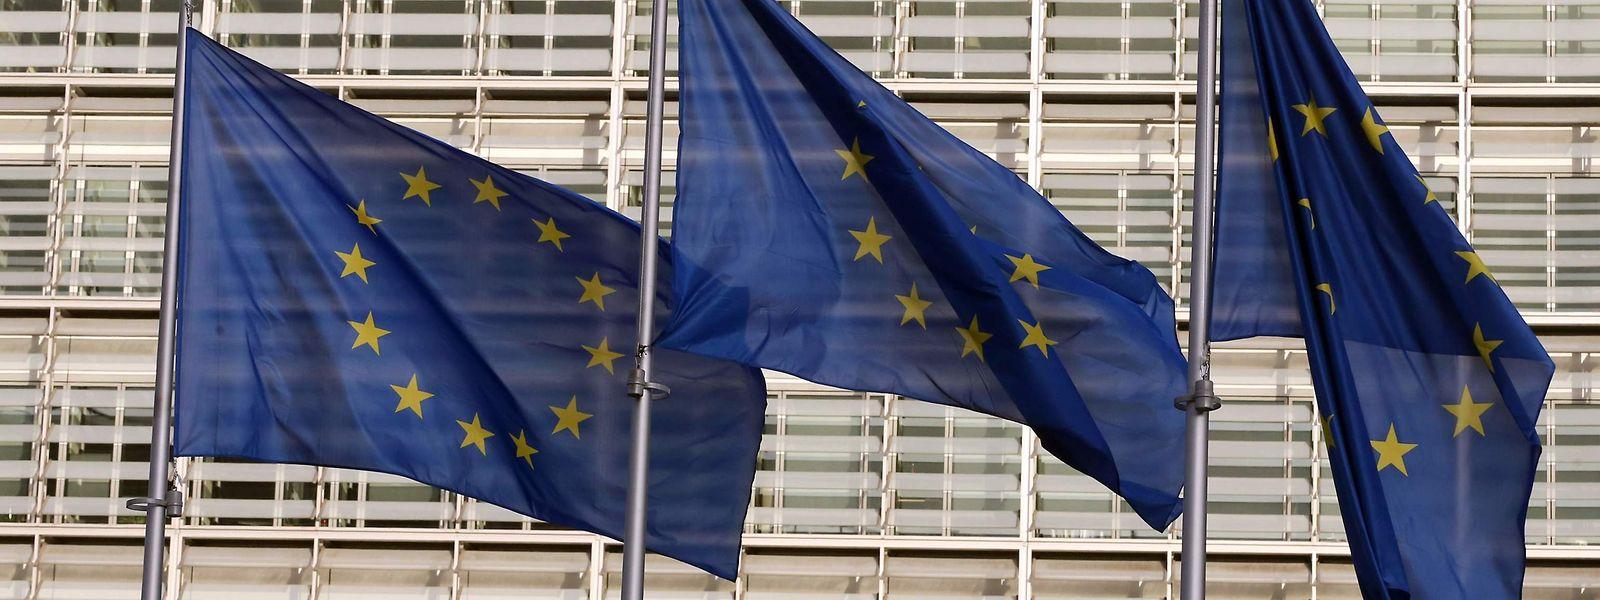 Après approbation formelle des Vingt-Sept, le texte sera publié au Journal officiel de l'UE d'ici jeudi pour permettre son entrée en vigueur le 1er janvier 2021.